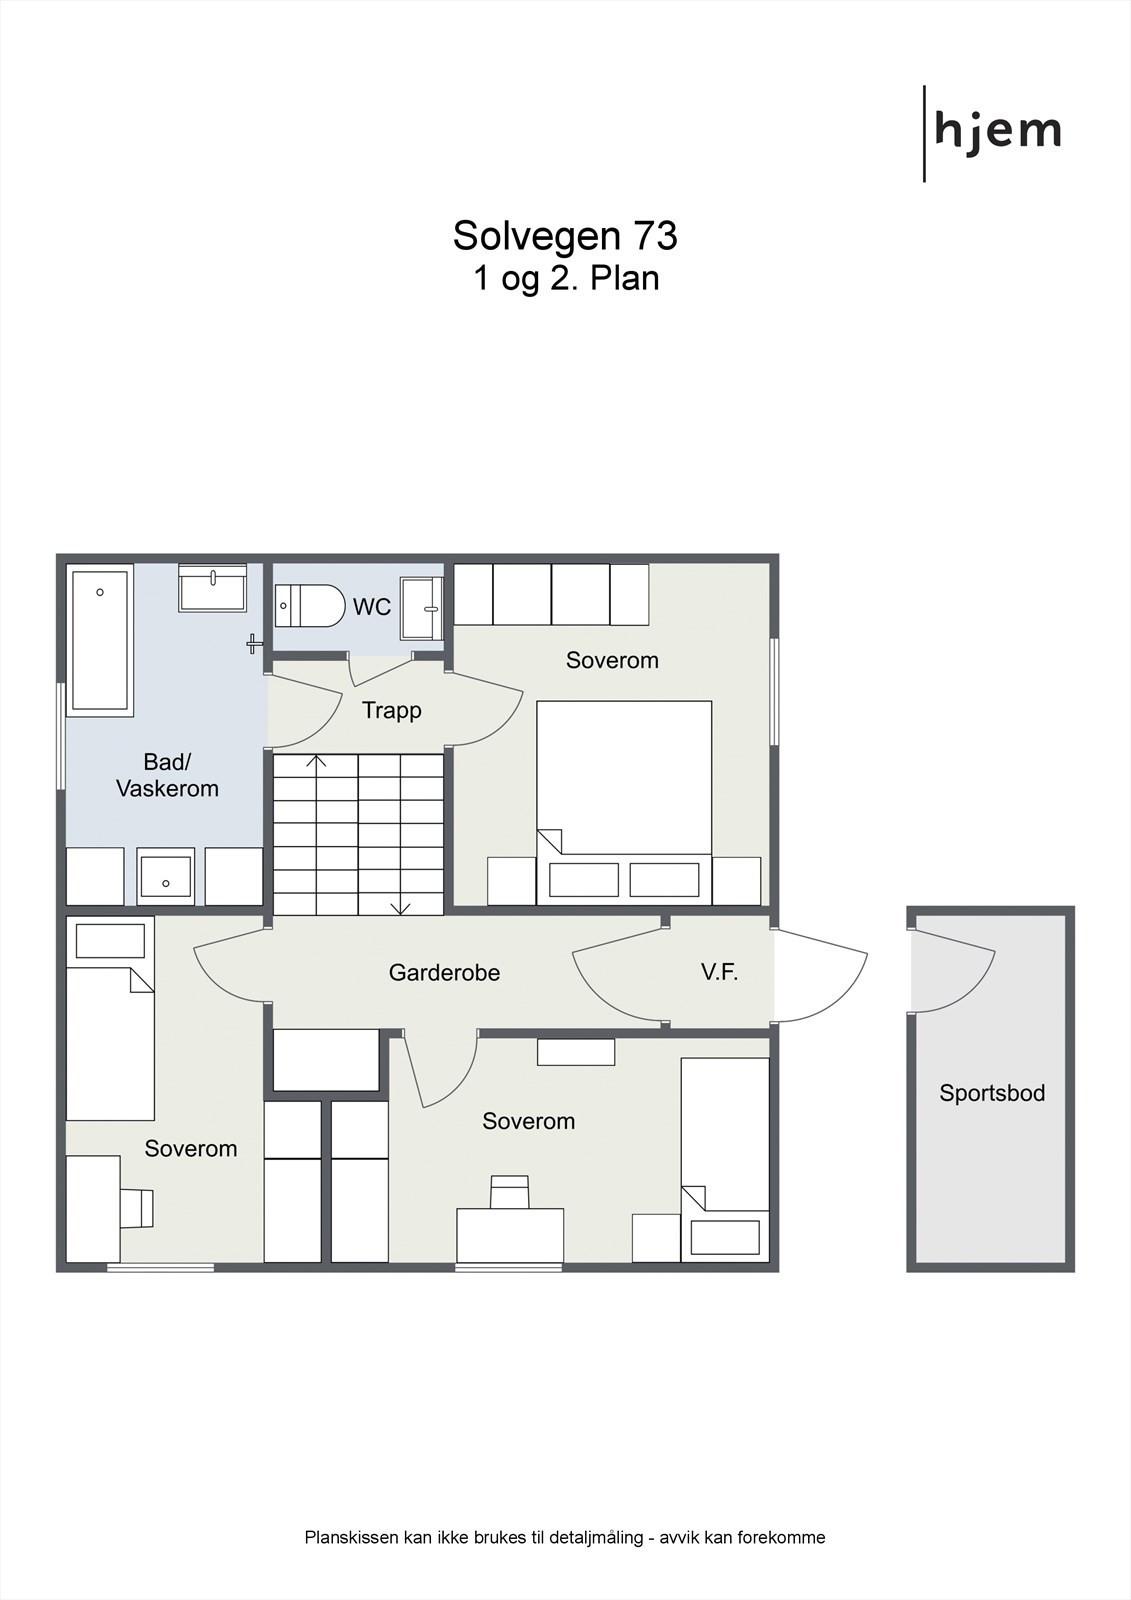 Floorplan letterhead - Solvegen 73 - 1 og 2. Plan - 2D Floor Plan.jpg